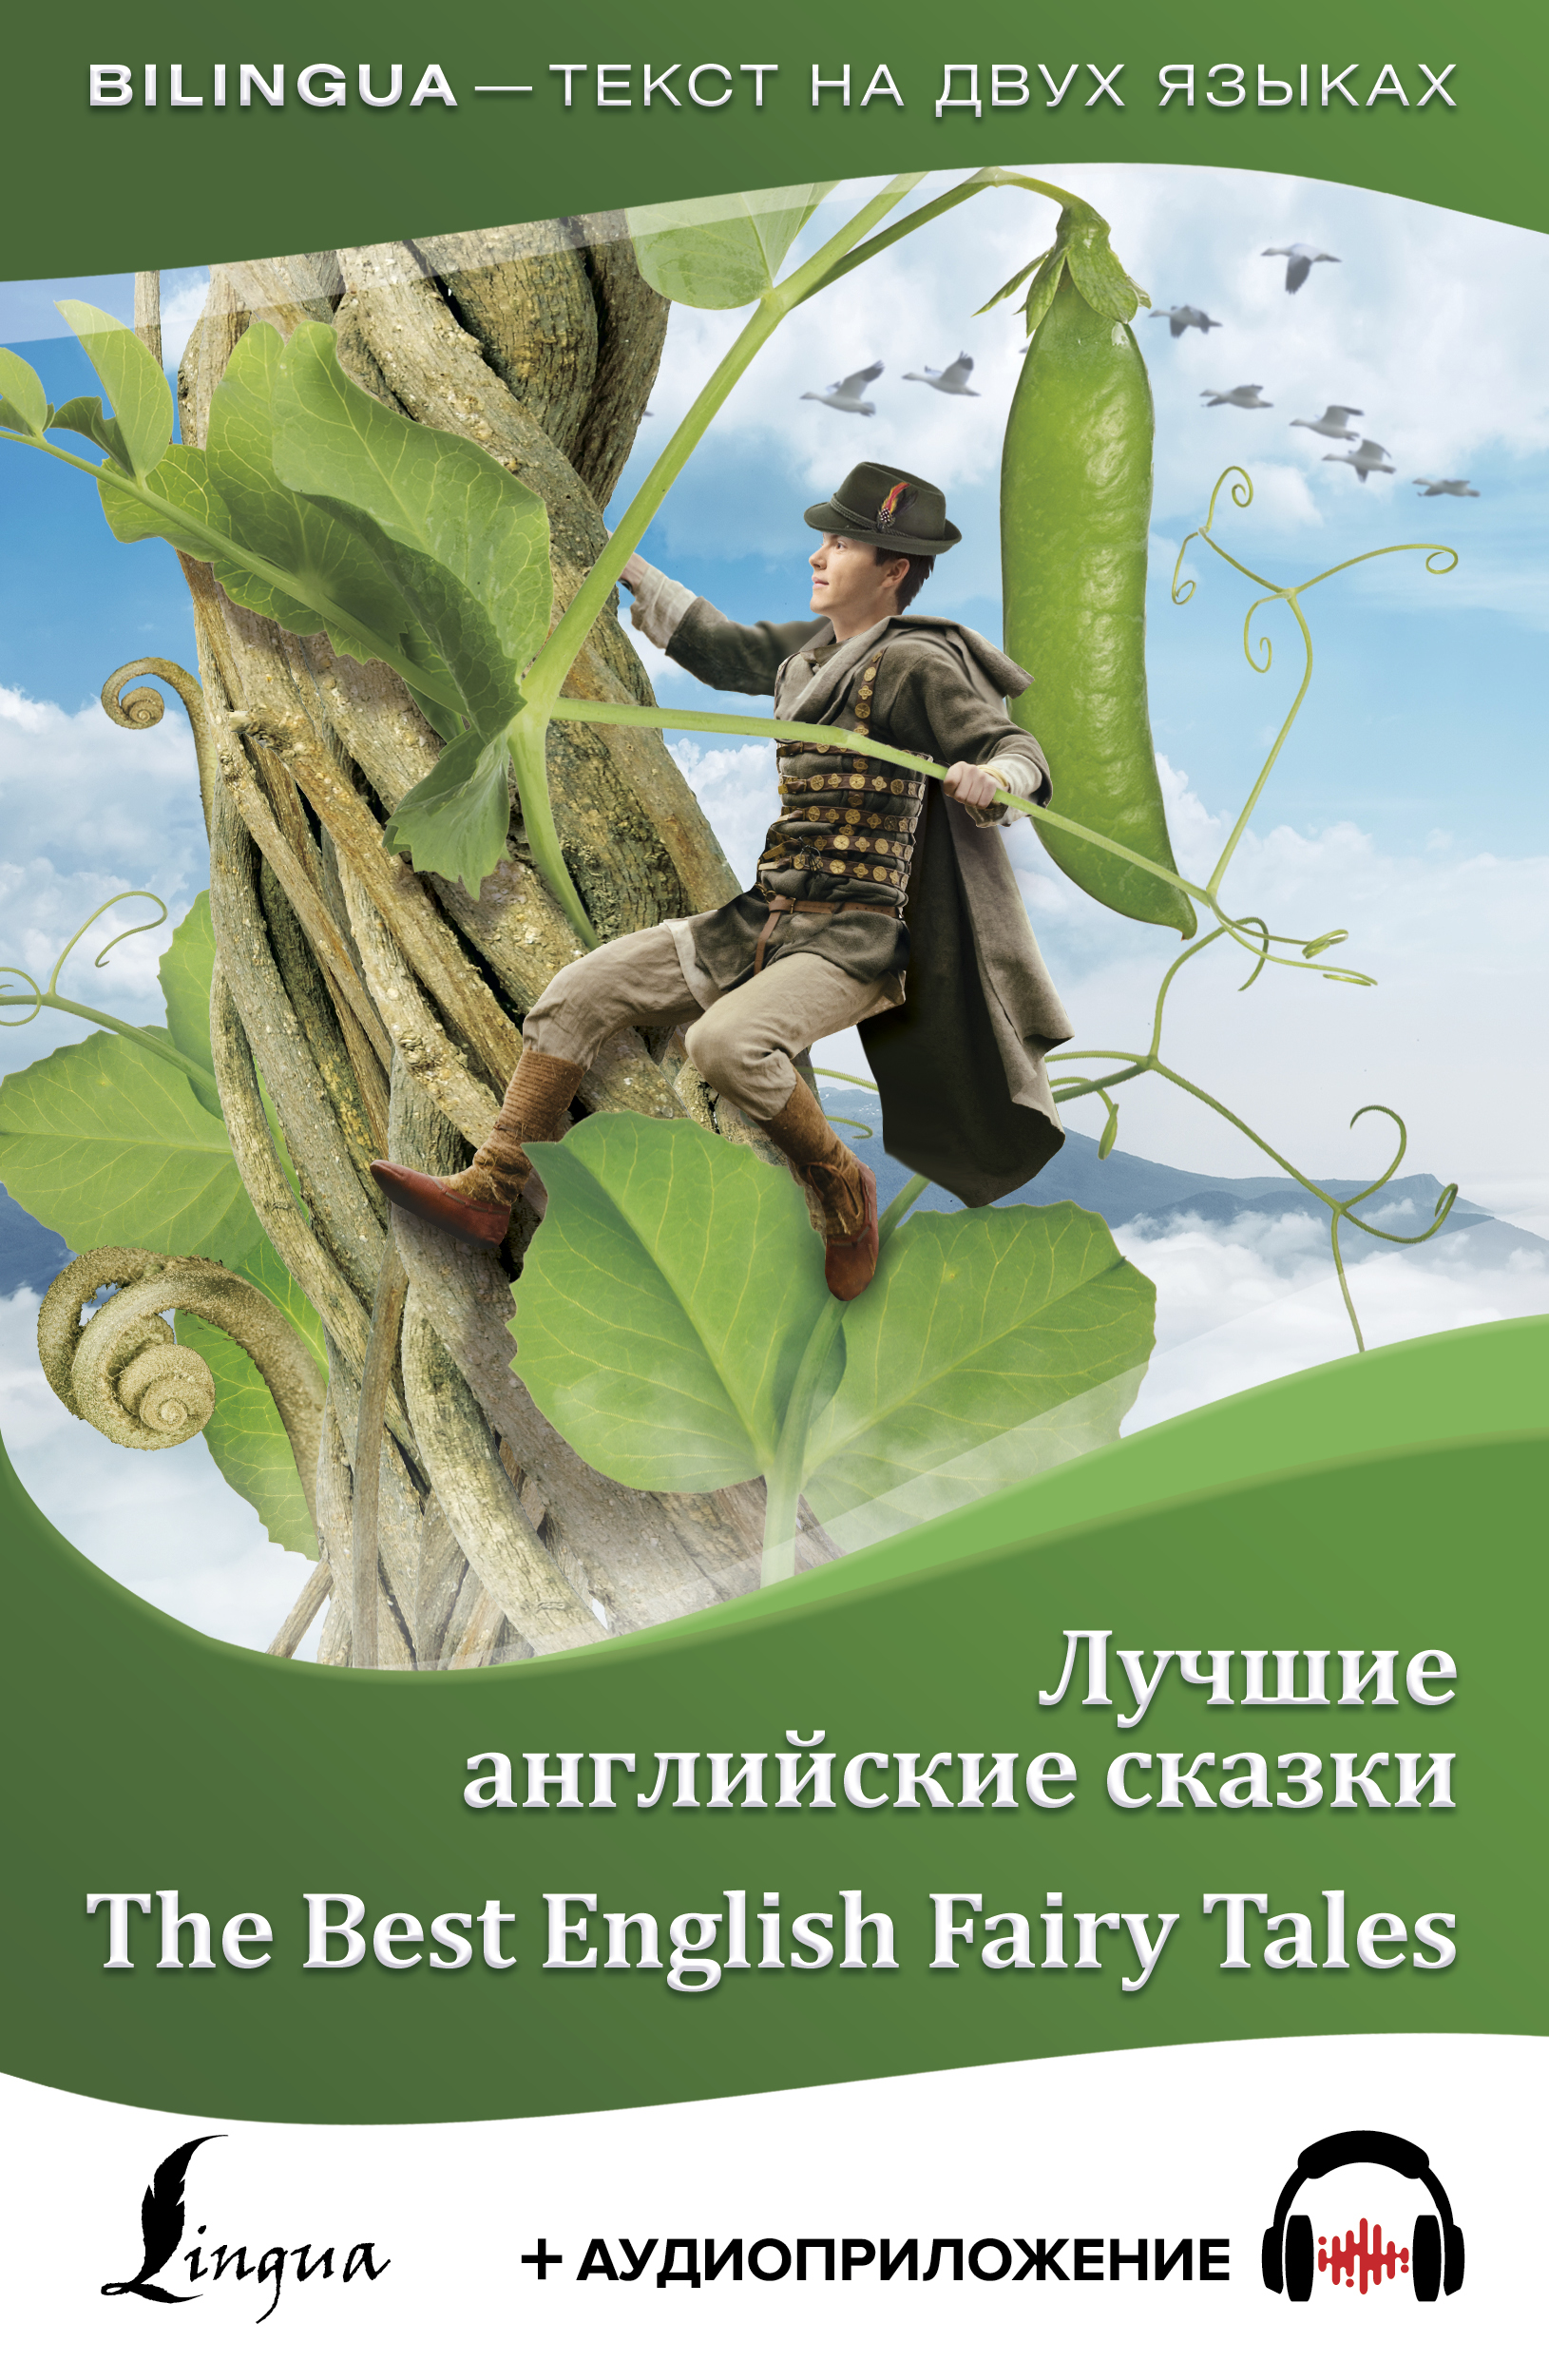 Лучшие английские сказки = The Best English Fairy Tales + аудиоприложение LECTA